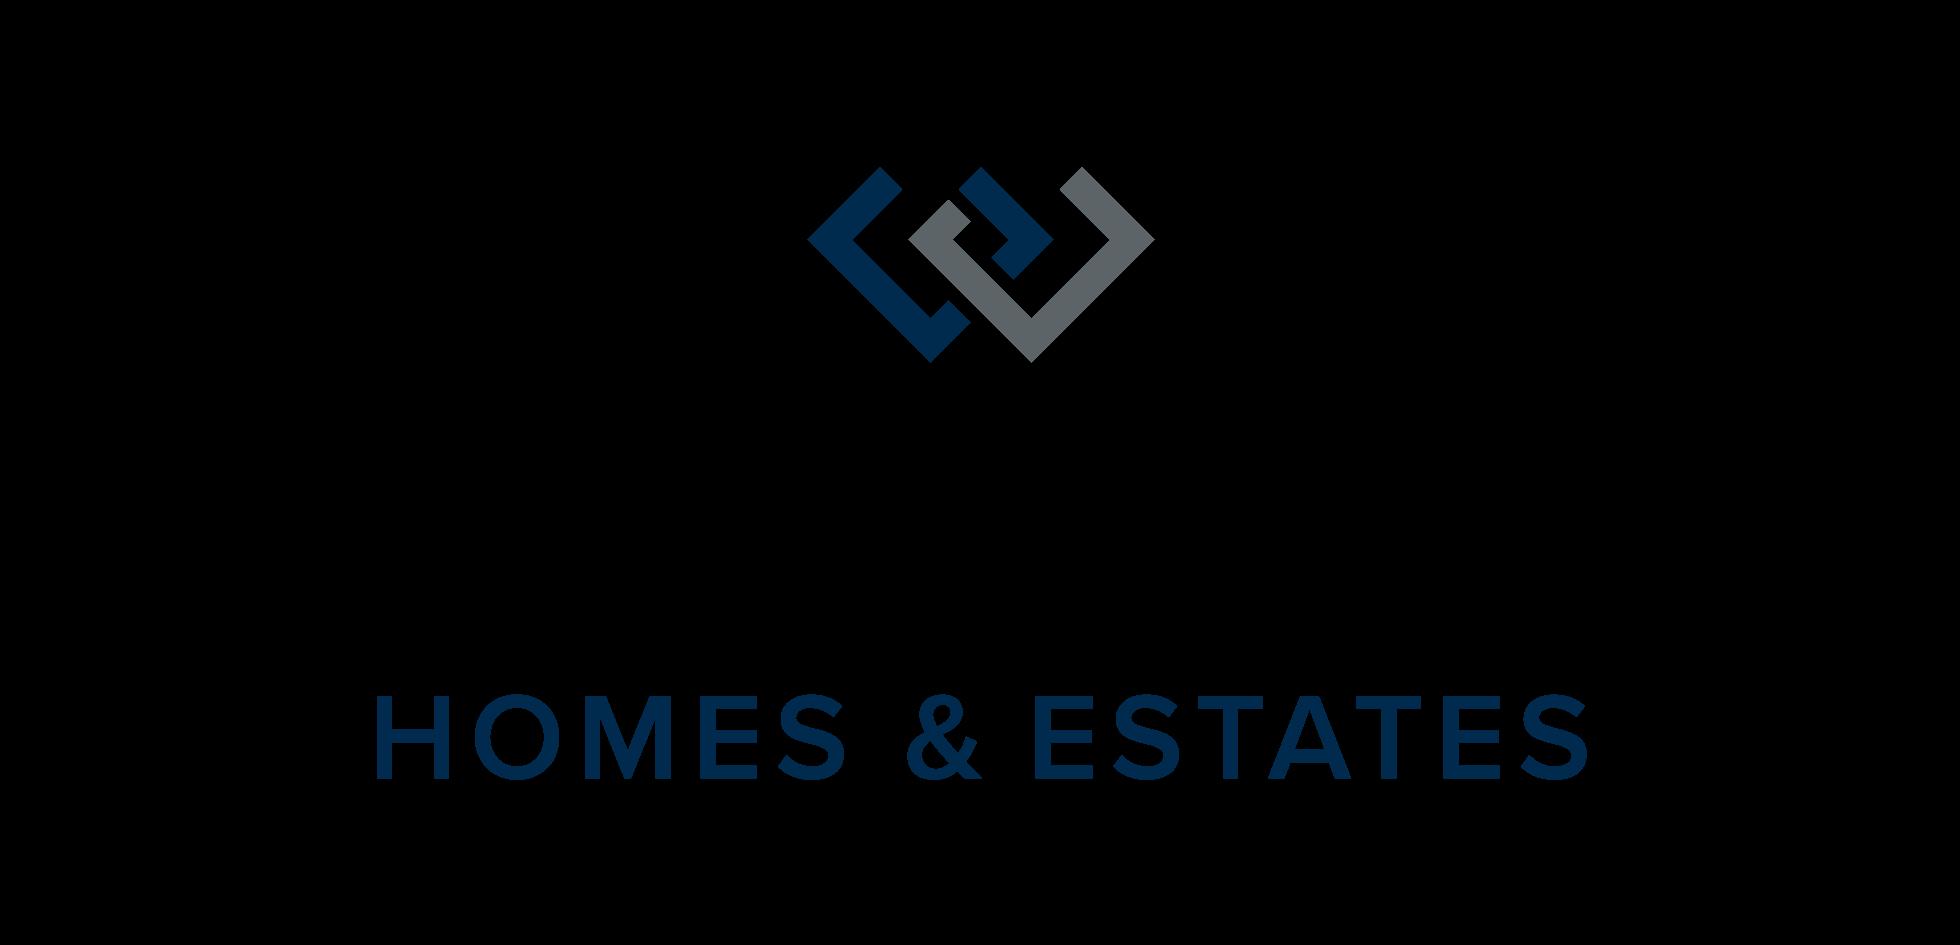 WRE_Homes&Estates_logo__CLR